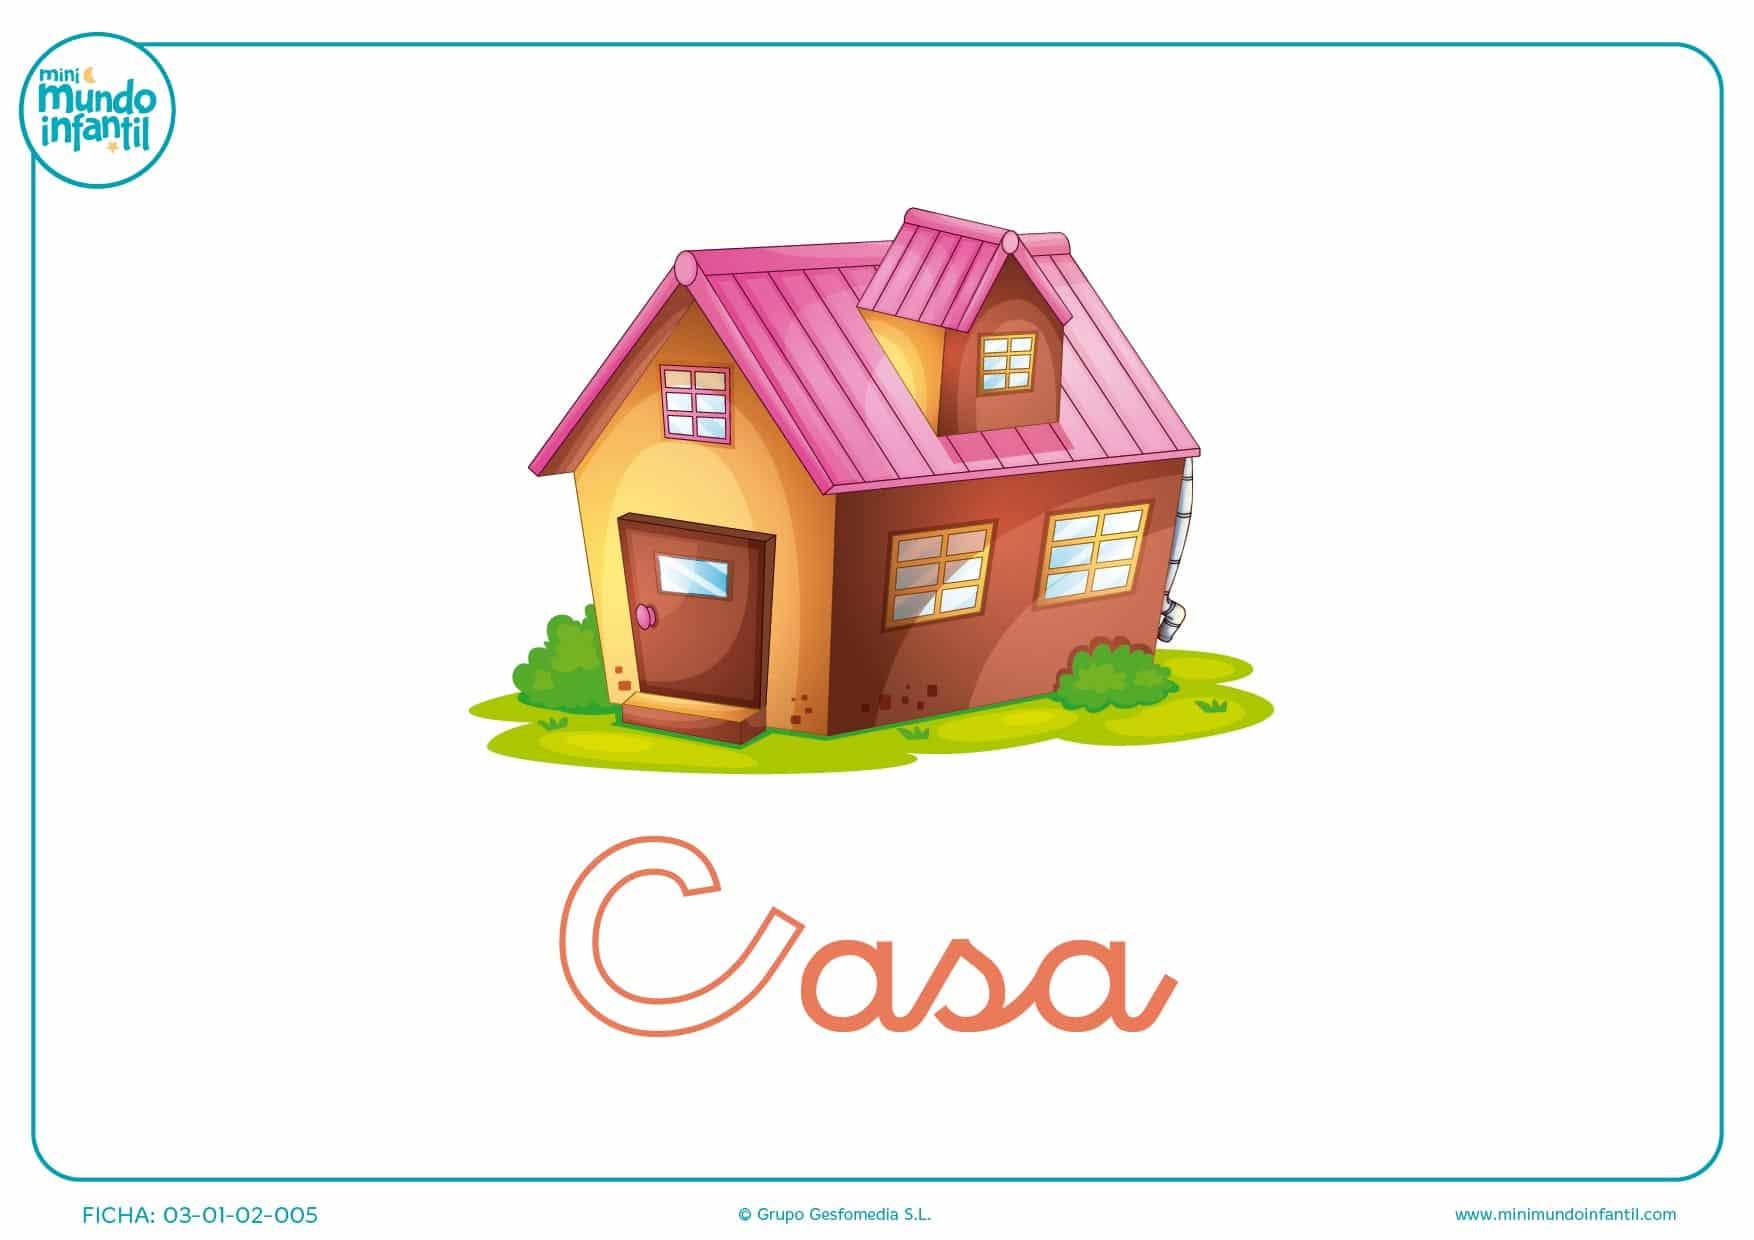 Letra C minúscula de casa para pintar